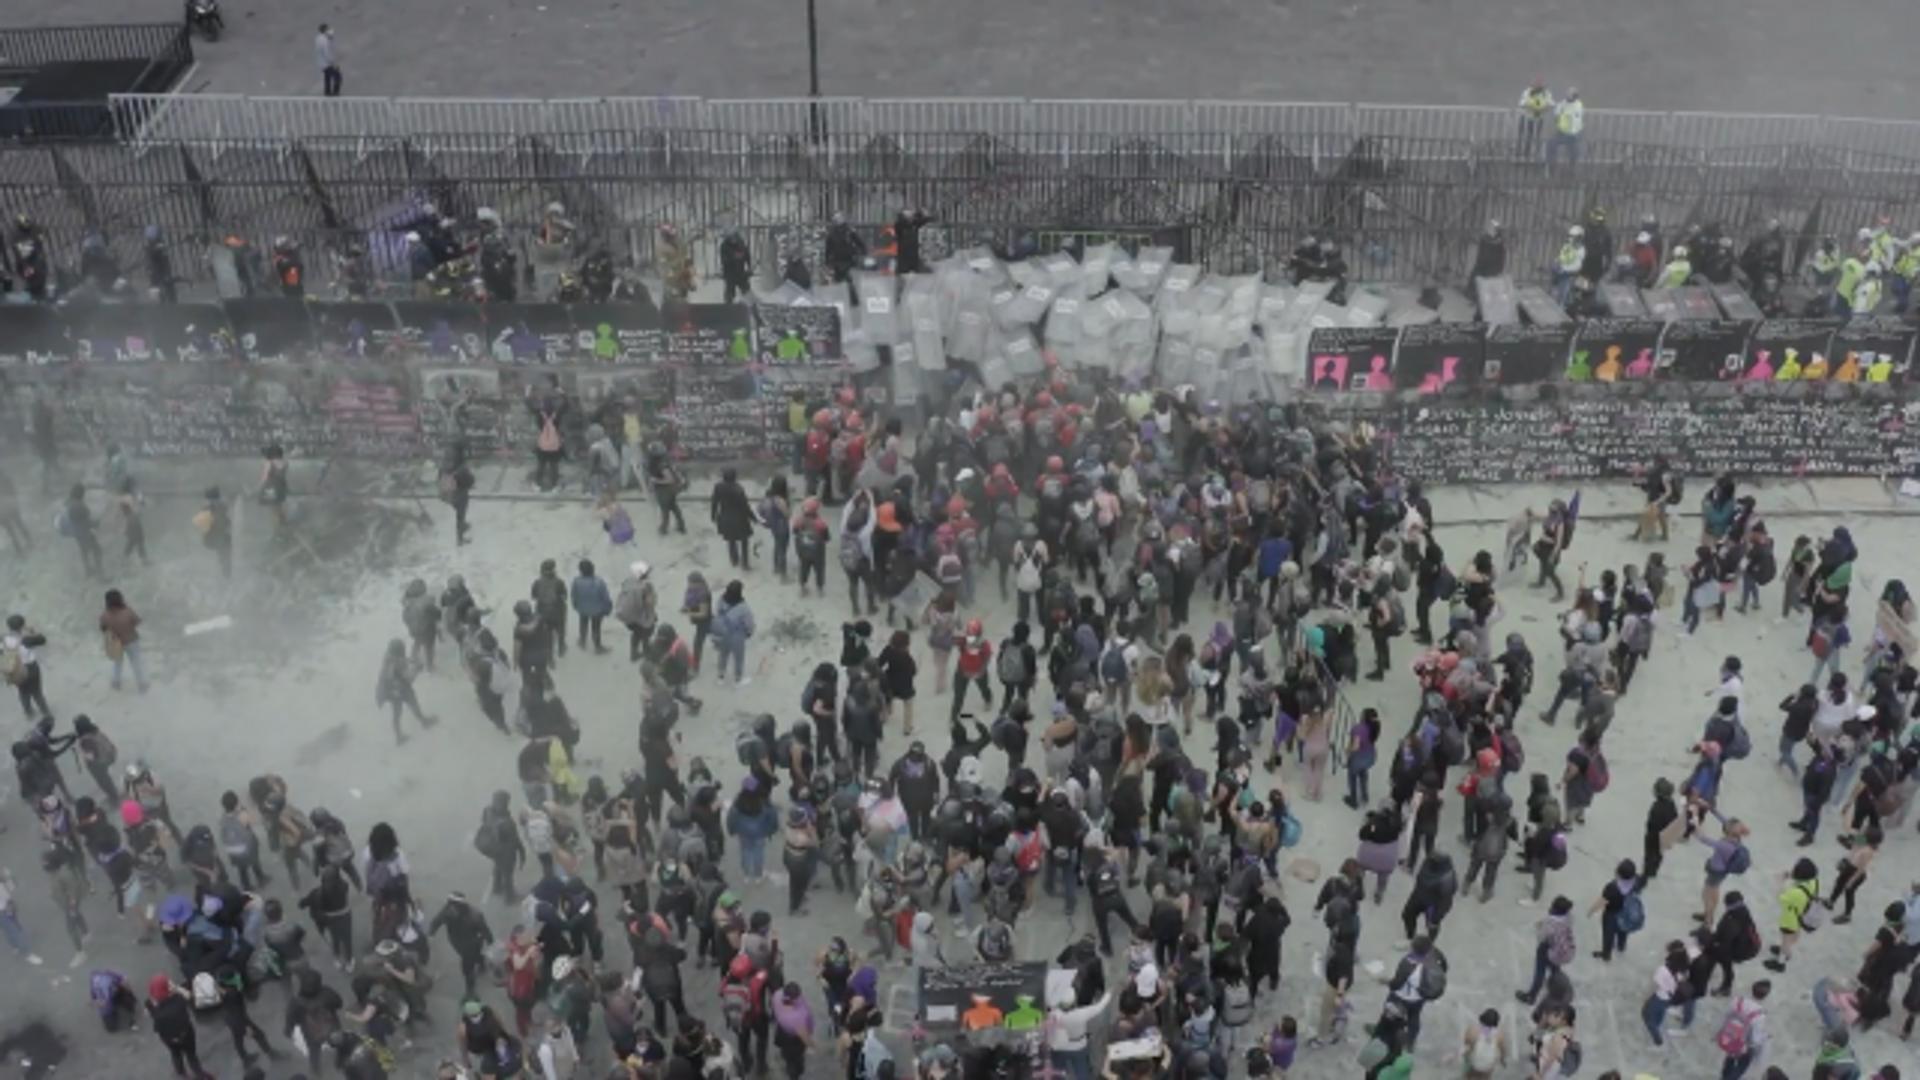 Cientos de mexicanas conmemoraron un 8M entre protestas, muros y gases lacrimógenos - Sputnik Mundo, 1920, 09.03.2021